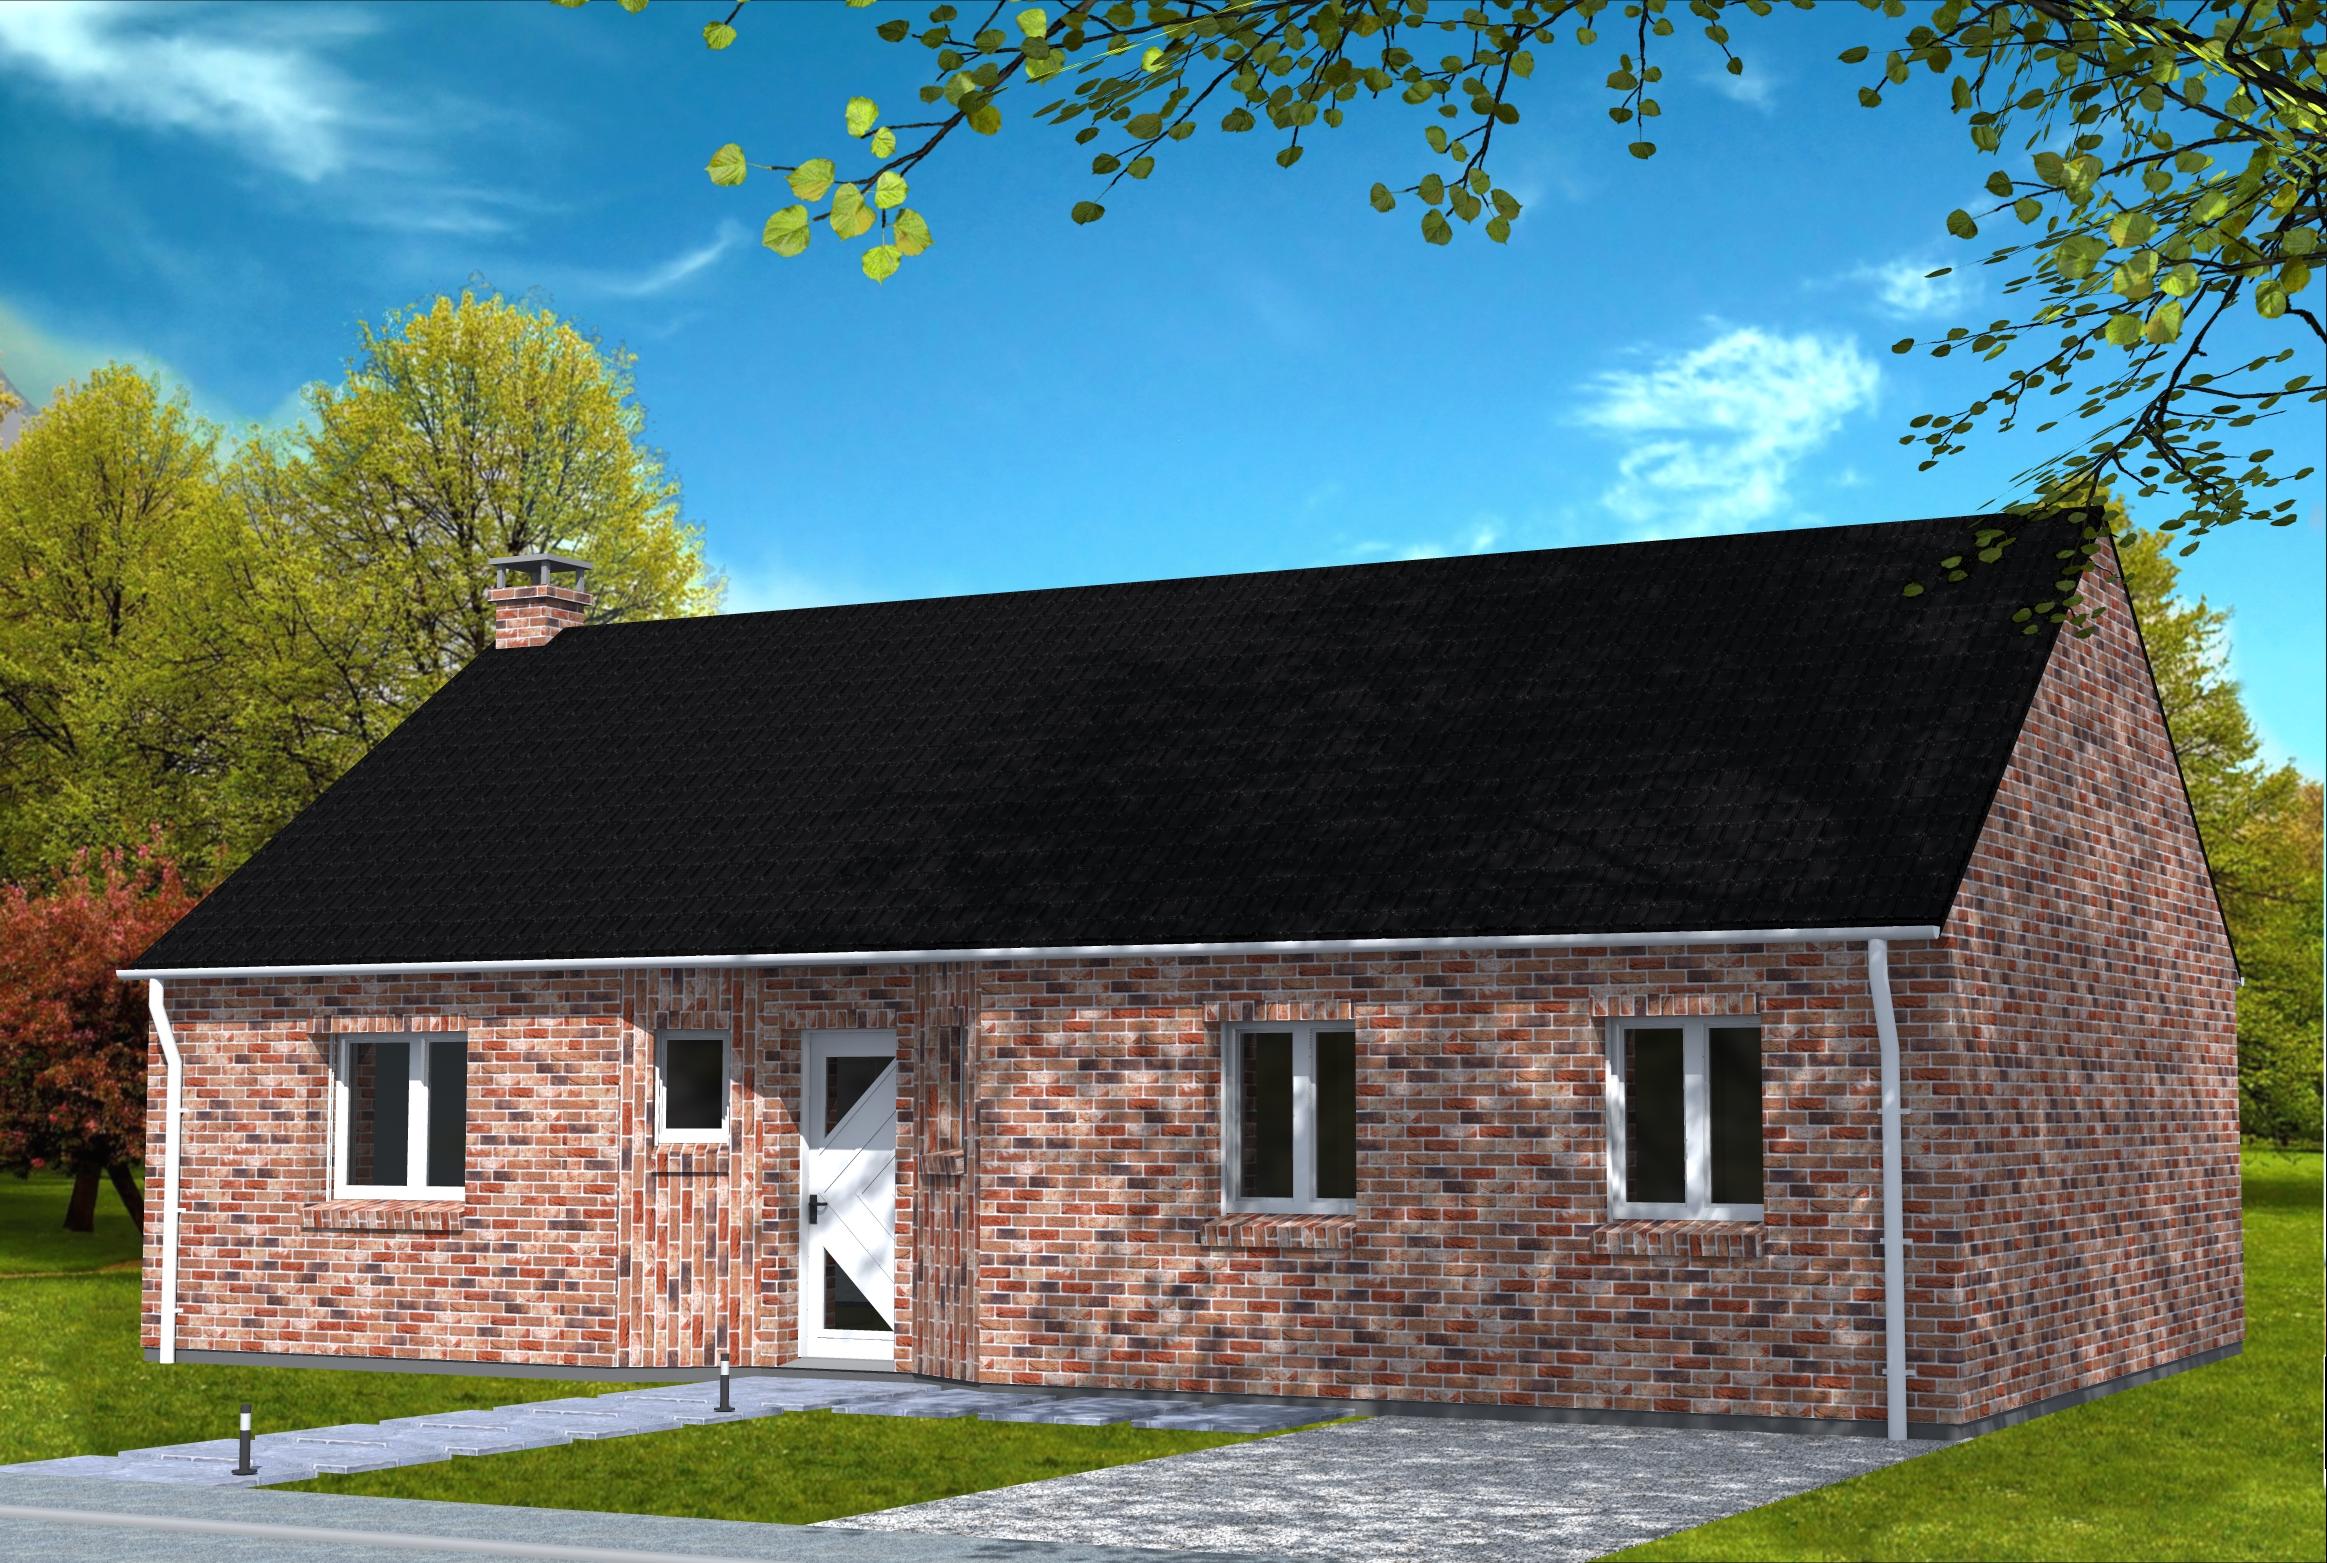 maison traditionnelle en briques yohann baheux ma tre d 39 oeuvre permis de construire 59 62. Black Bedroom Furniture Sets. Home Design Ideas